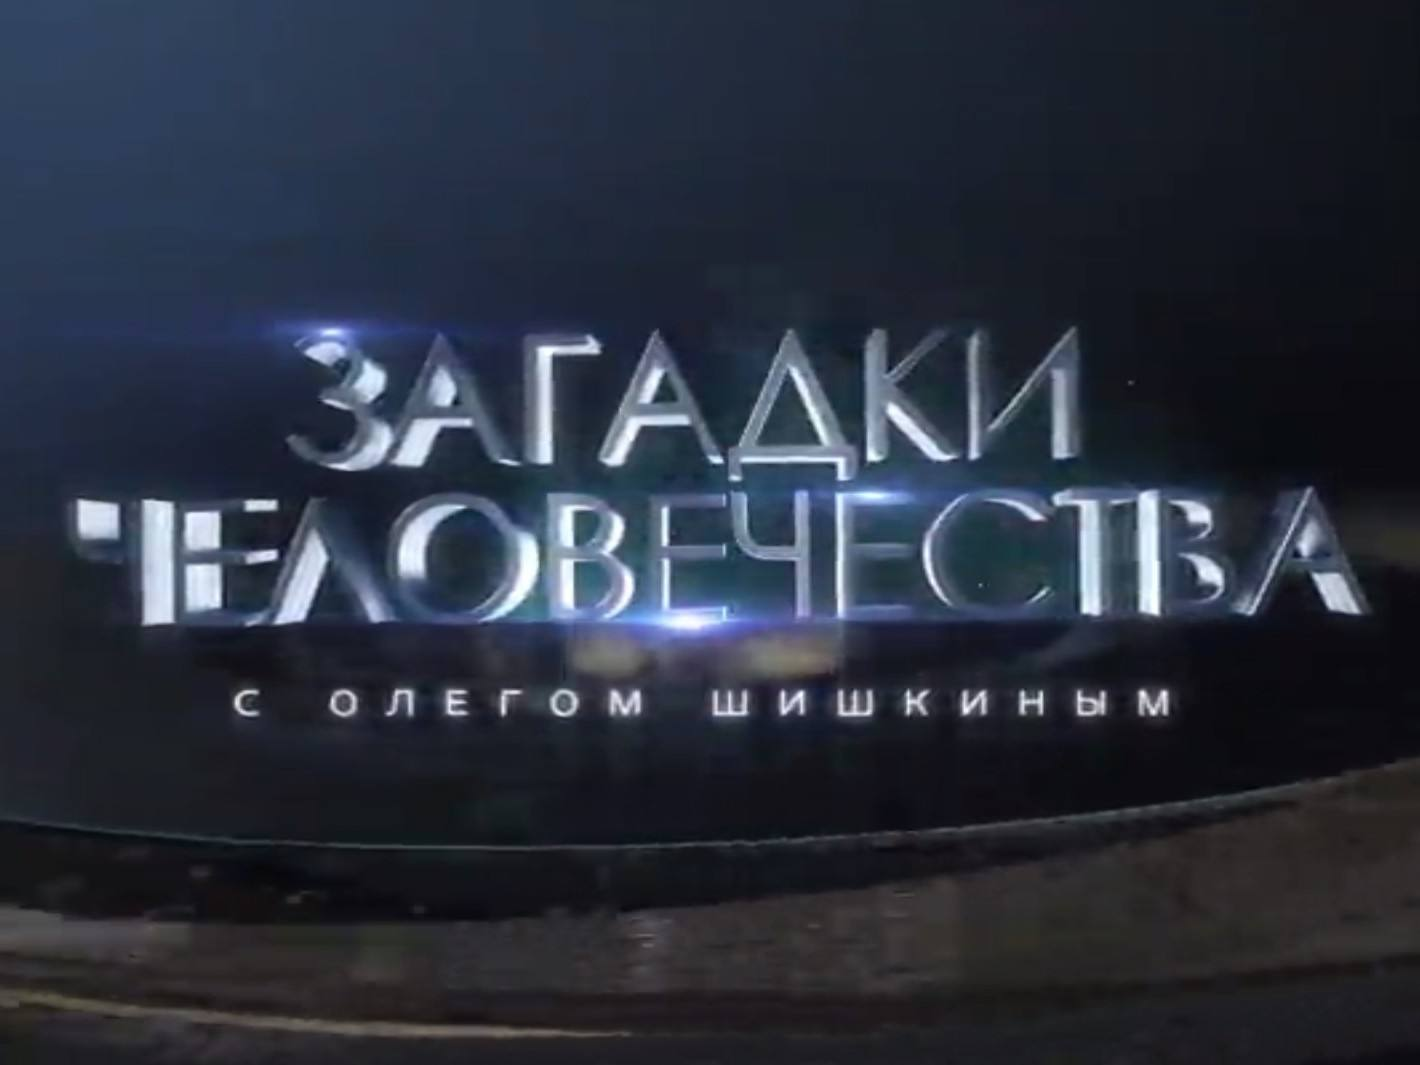 Загадки человечества с Олегом Шишкиным 373 серия в 13:00 на канале